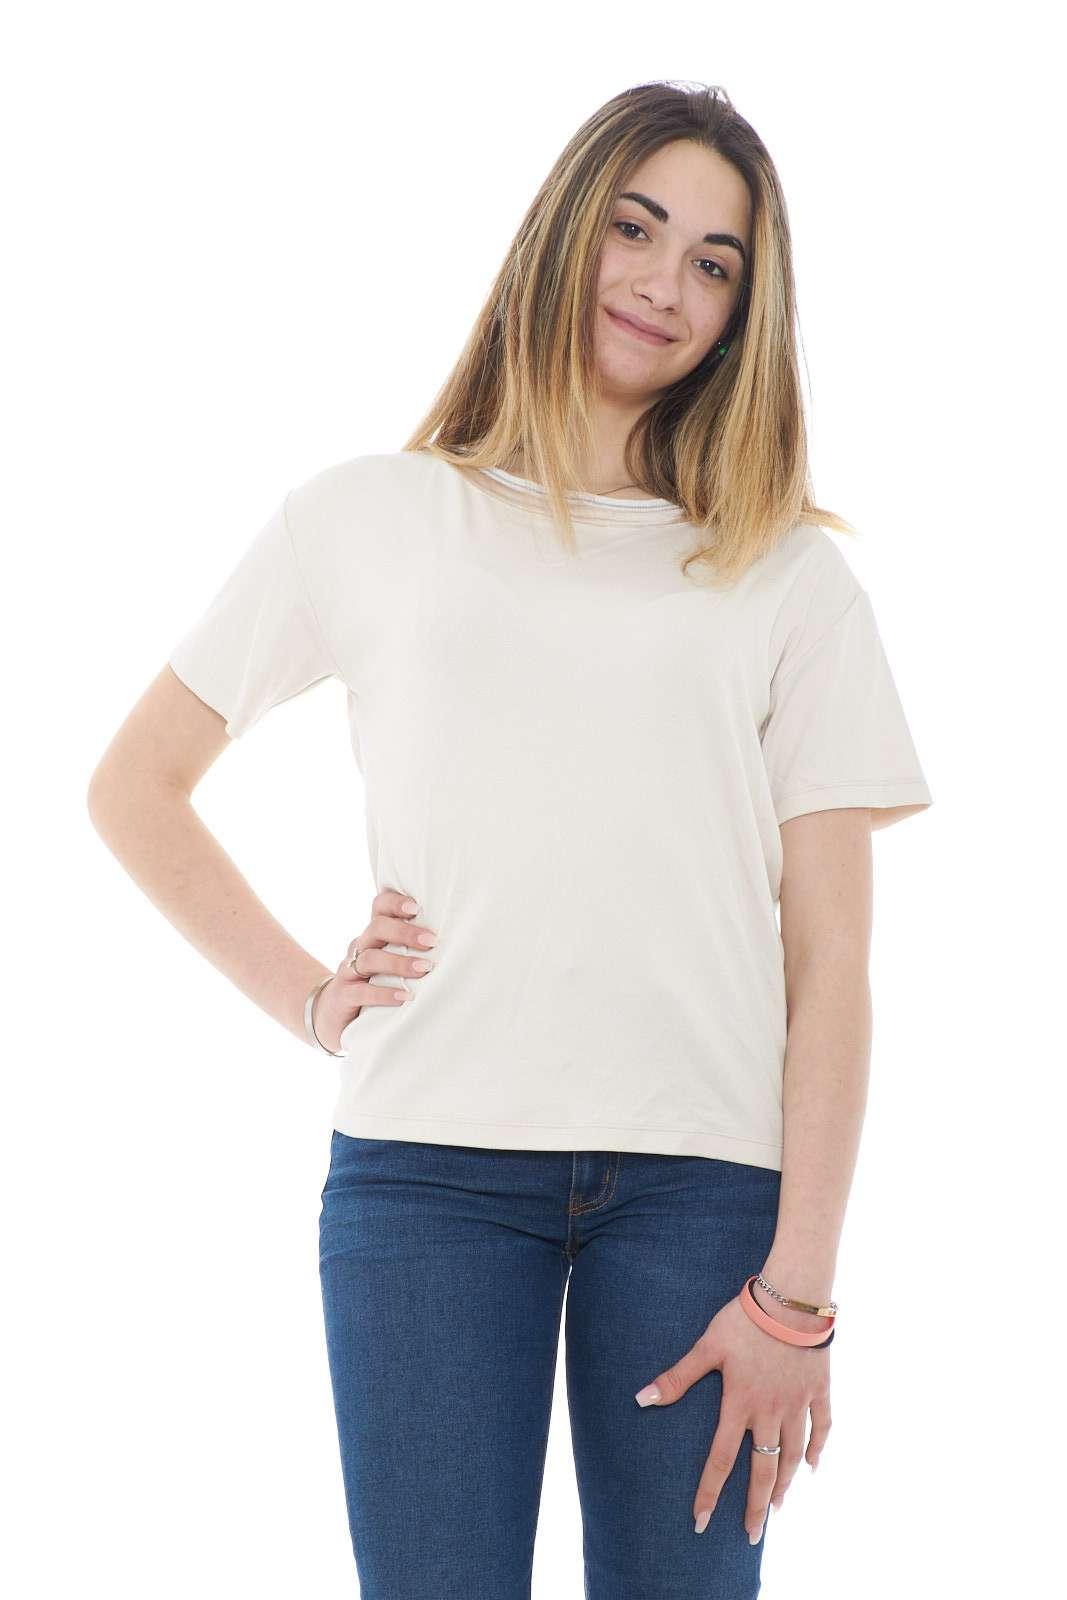 Una t shirt in maglia la nuova proposta firmata Fabiana Filippi. Un capo che non può mancare nel tuo armadio nella stagione estiva, grazie alla sua comodità e delicatezza.